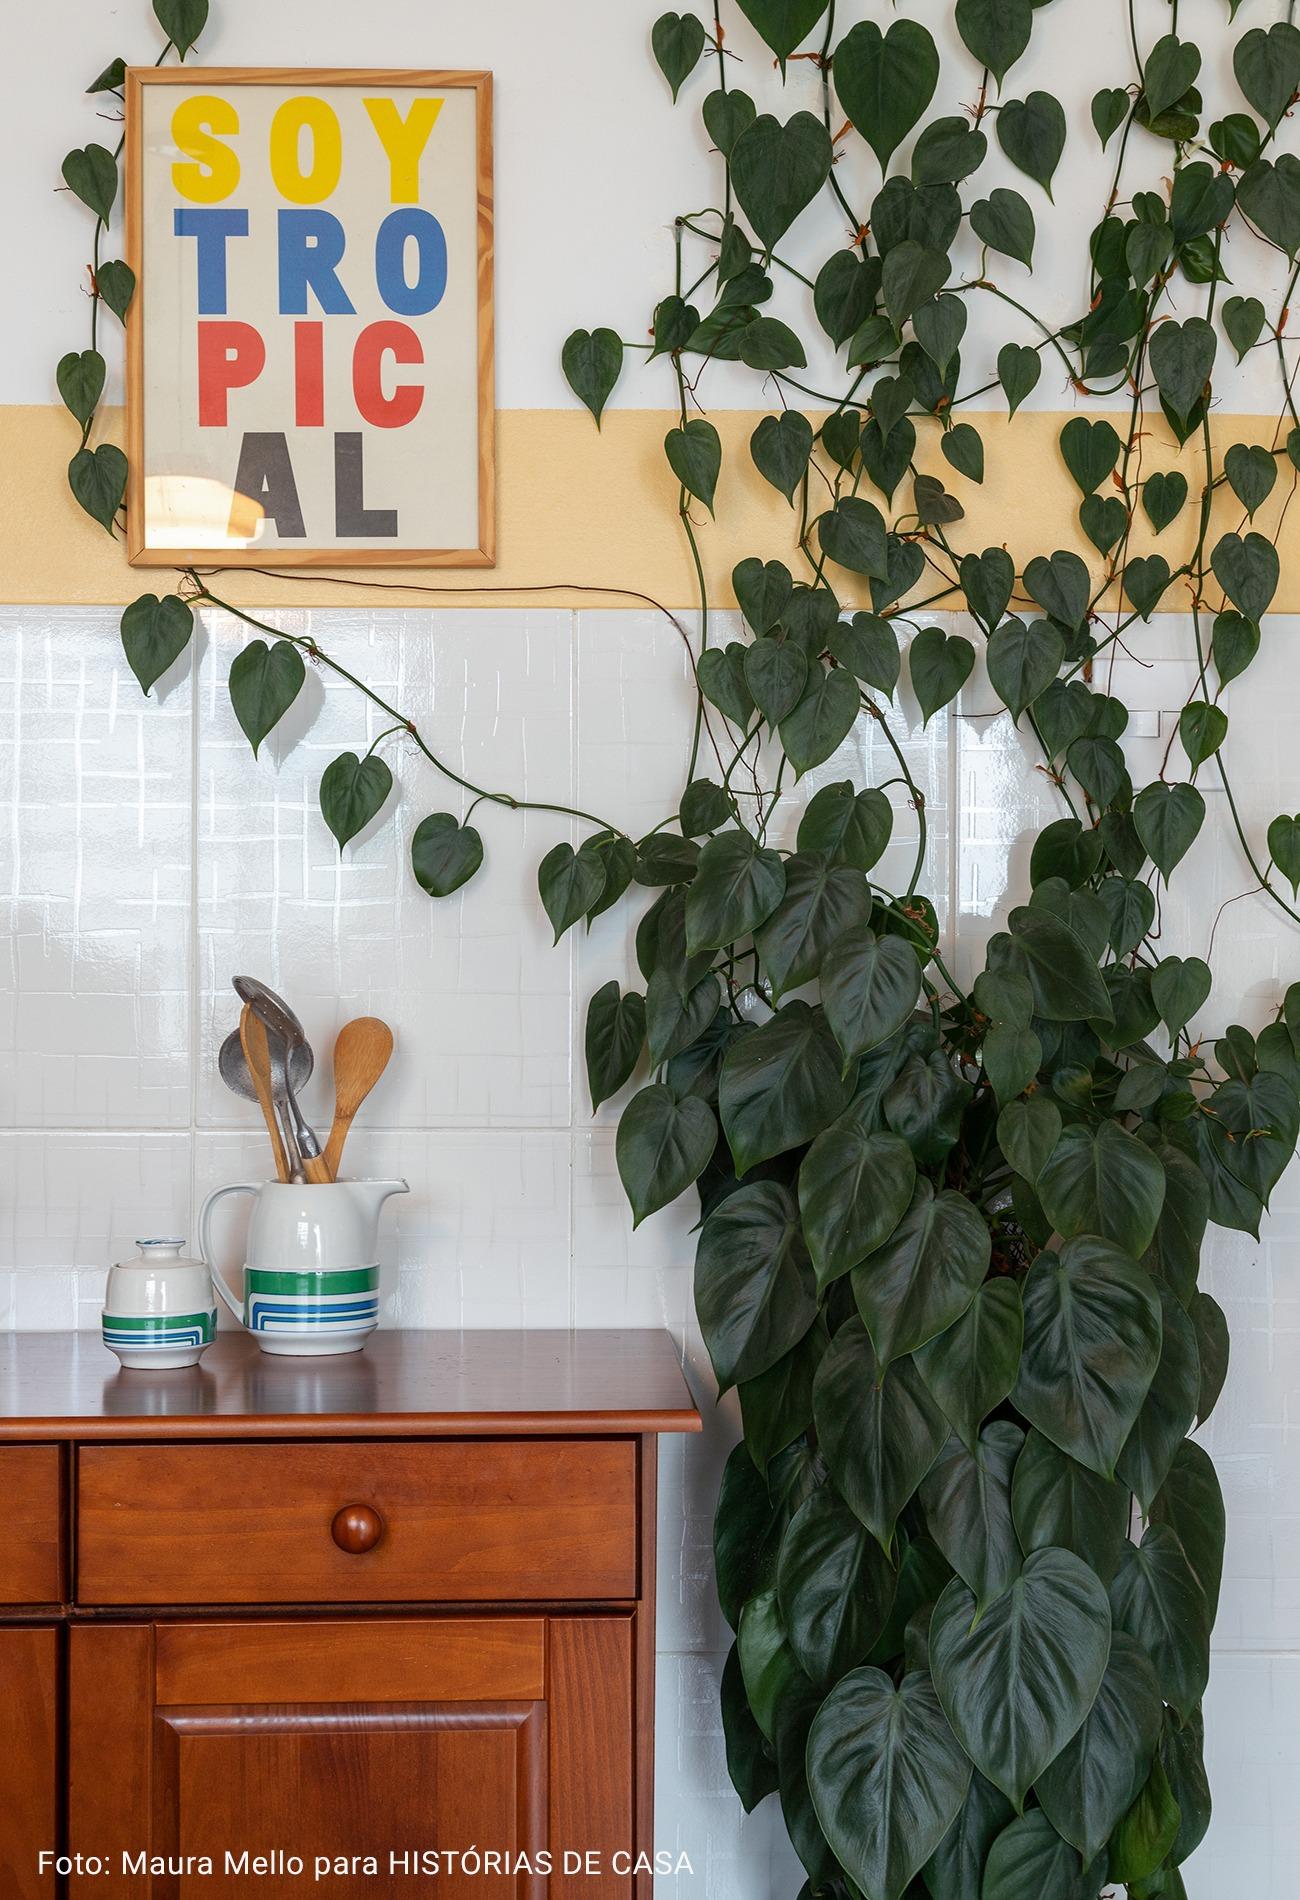 cozinha com planta espalhada natural pela parede